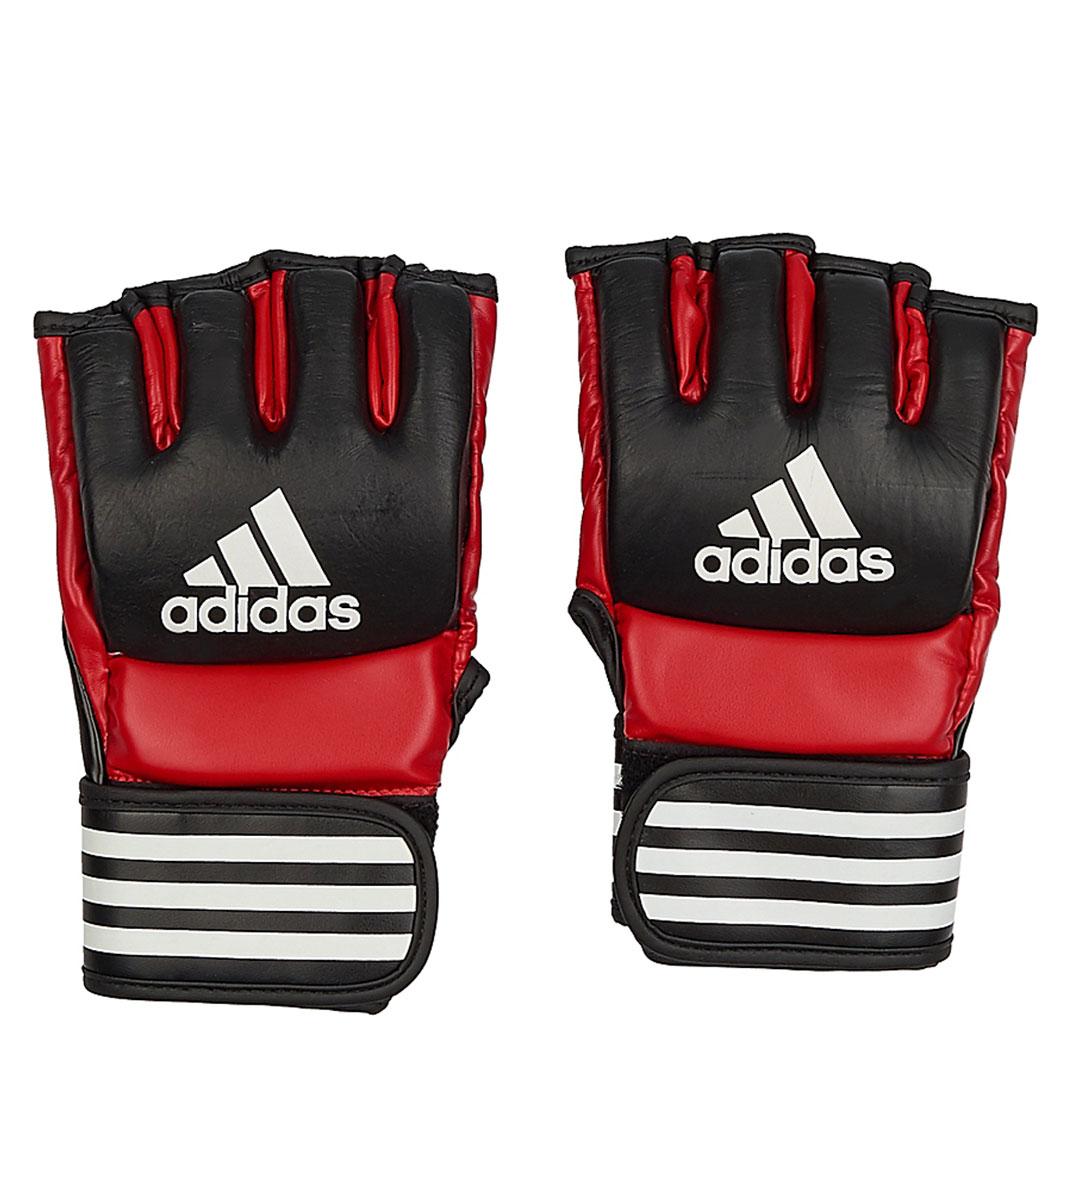 Перчатки для смешанных единоборств Adidas Ultimate Fight, цвет: черный, красный. Размер XLBB1637Боевые перчатки Adidas Ultimate Fight предназначены для занятий смешанными единоборствами. Они изготовлены из натуральной воловьей кожи с черными вставками из вспененного полимера. Внутренняя часть выполнена с использованием технологии I-Comfort+, благодаря чему перчатки быстро высыхают, не скользят по руке и не вызывают аллергии. Застежка на липучке способствует быстрому и удобному одеванию перчаток, плотно фиксирует перчатки на руке. Одобрены UFC.